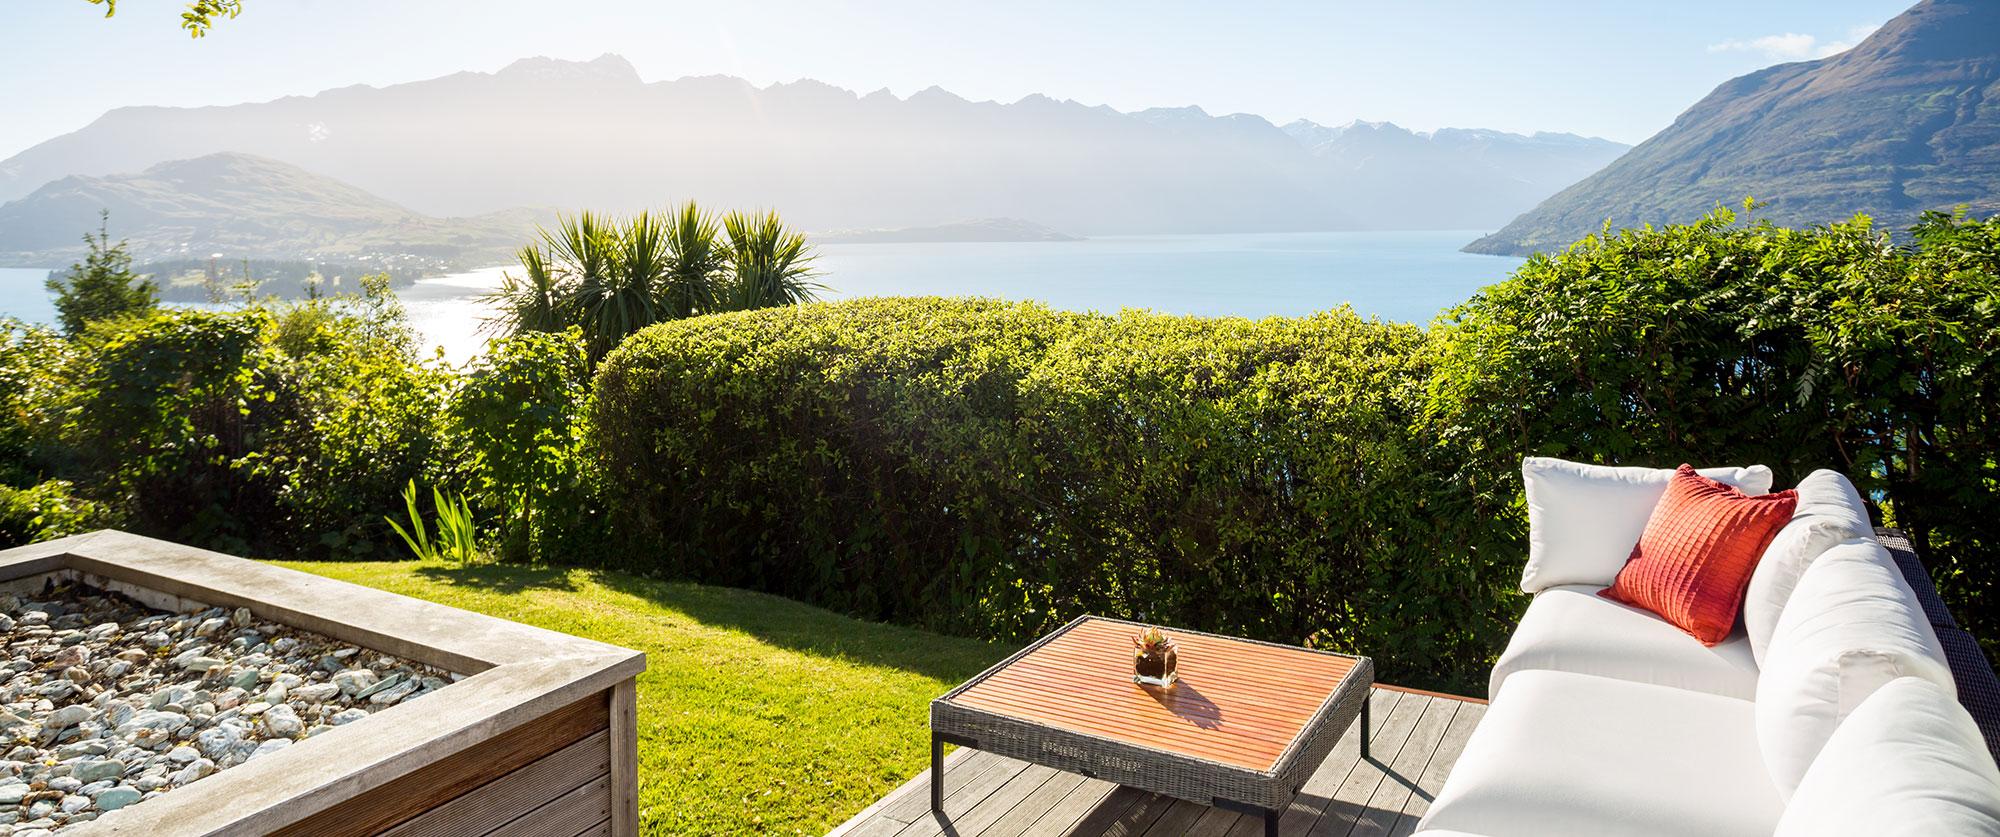 Azur là khu nghỉ dưỡng cao cấp trên một ngọn đồi nằm gọn giữa hồ Wakatipu và hai dãy núi Remarkables và Cecil, gần thành phố Queenstown.